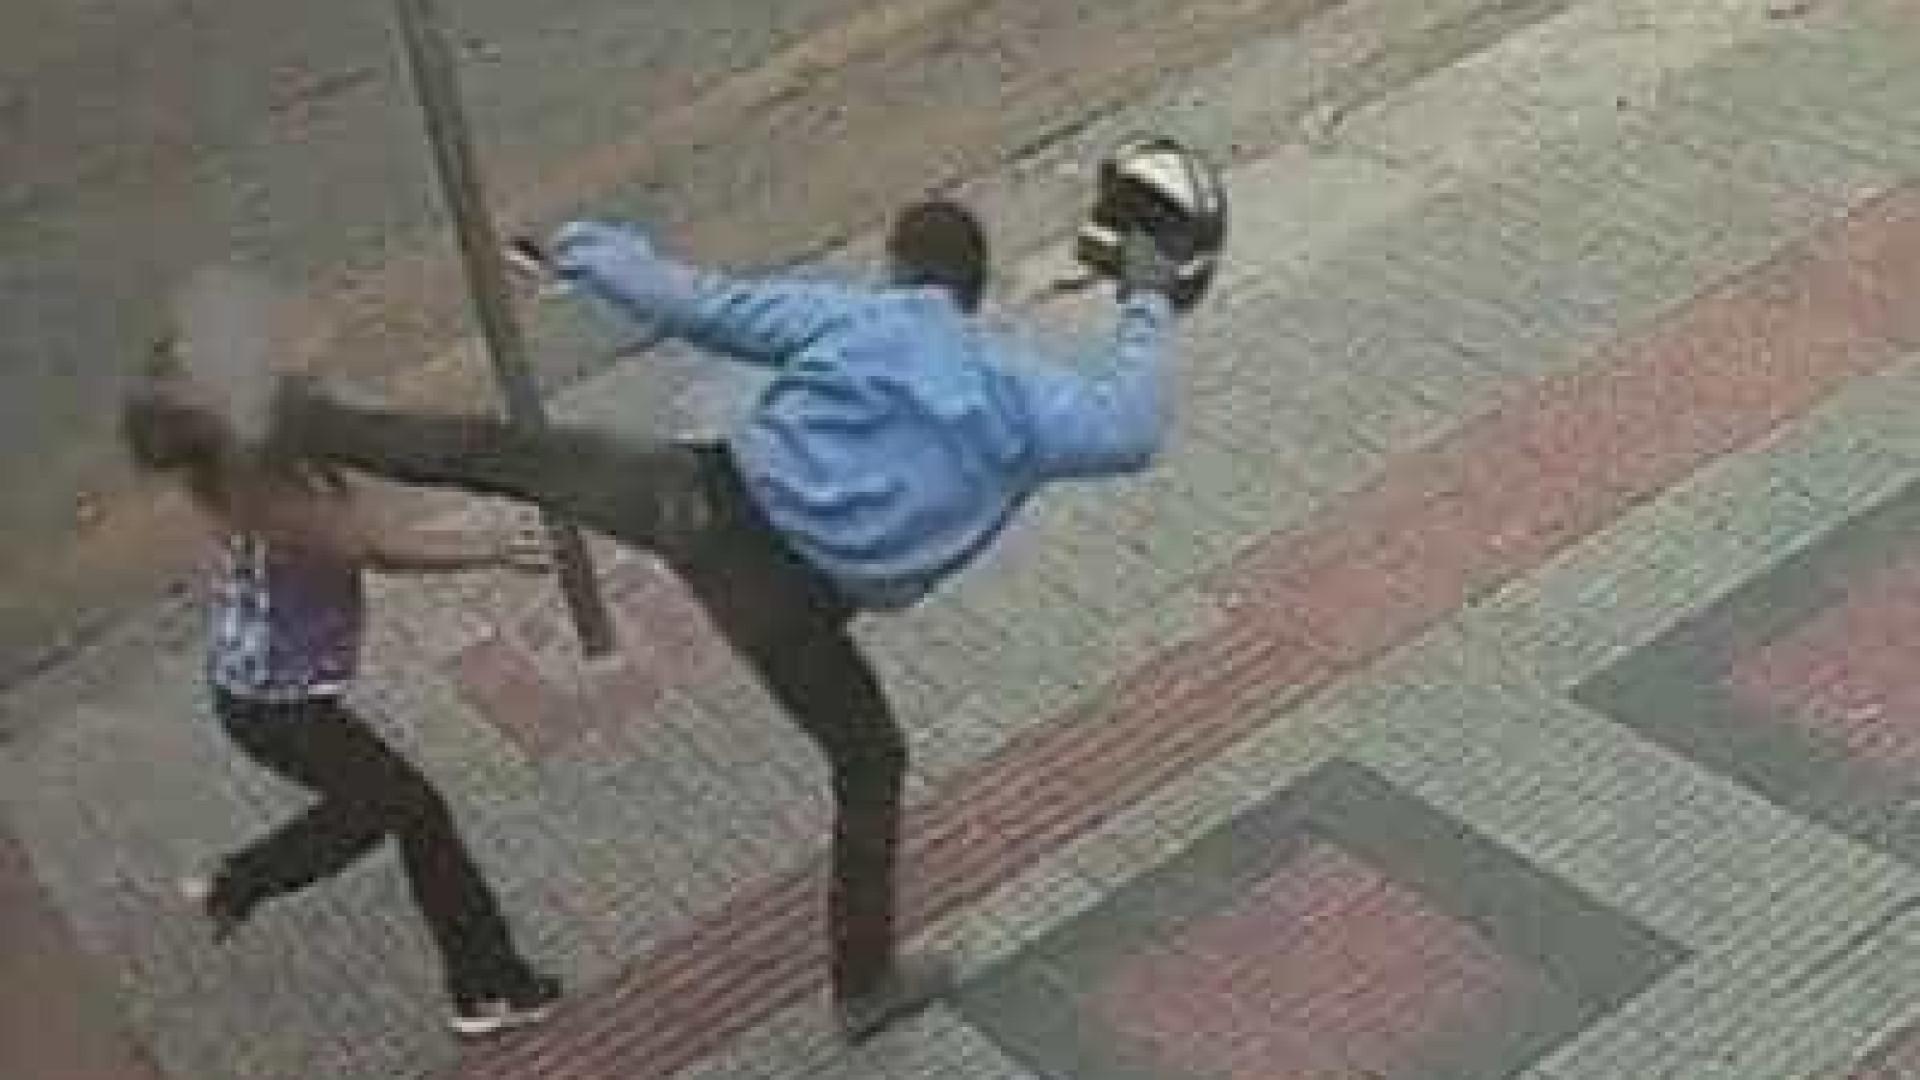 Mulher é agredida com chute no rosto durante assalto em Belo Horizonte